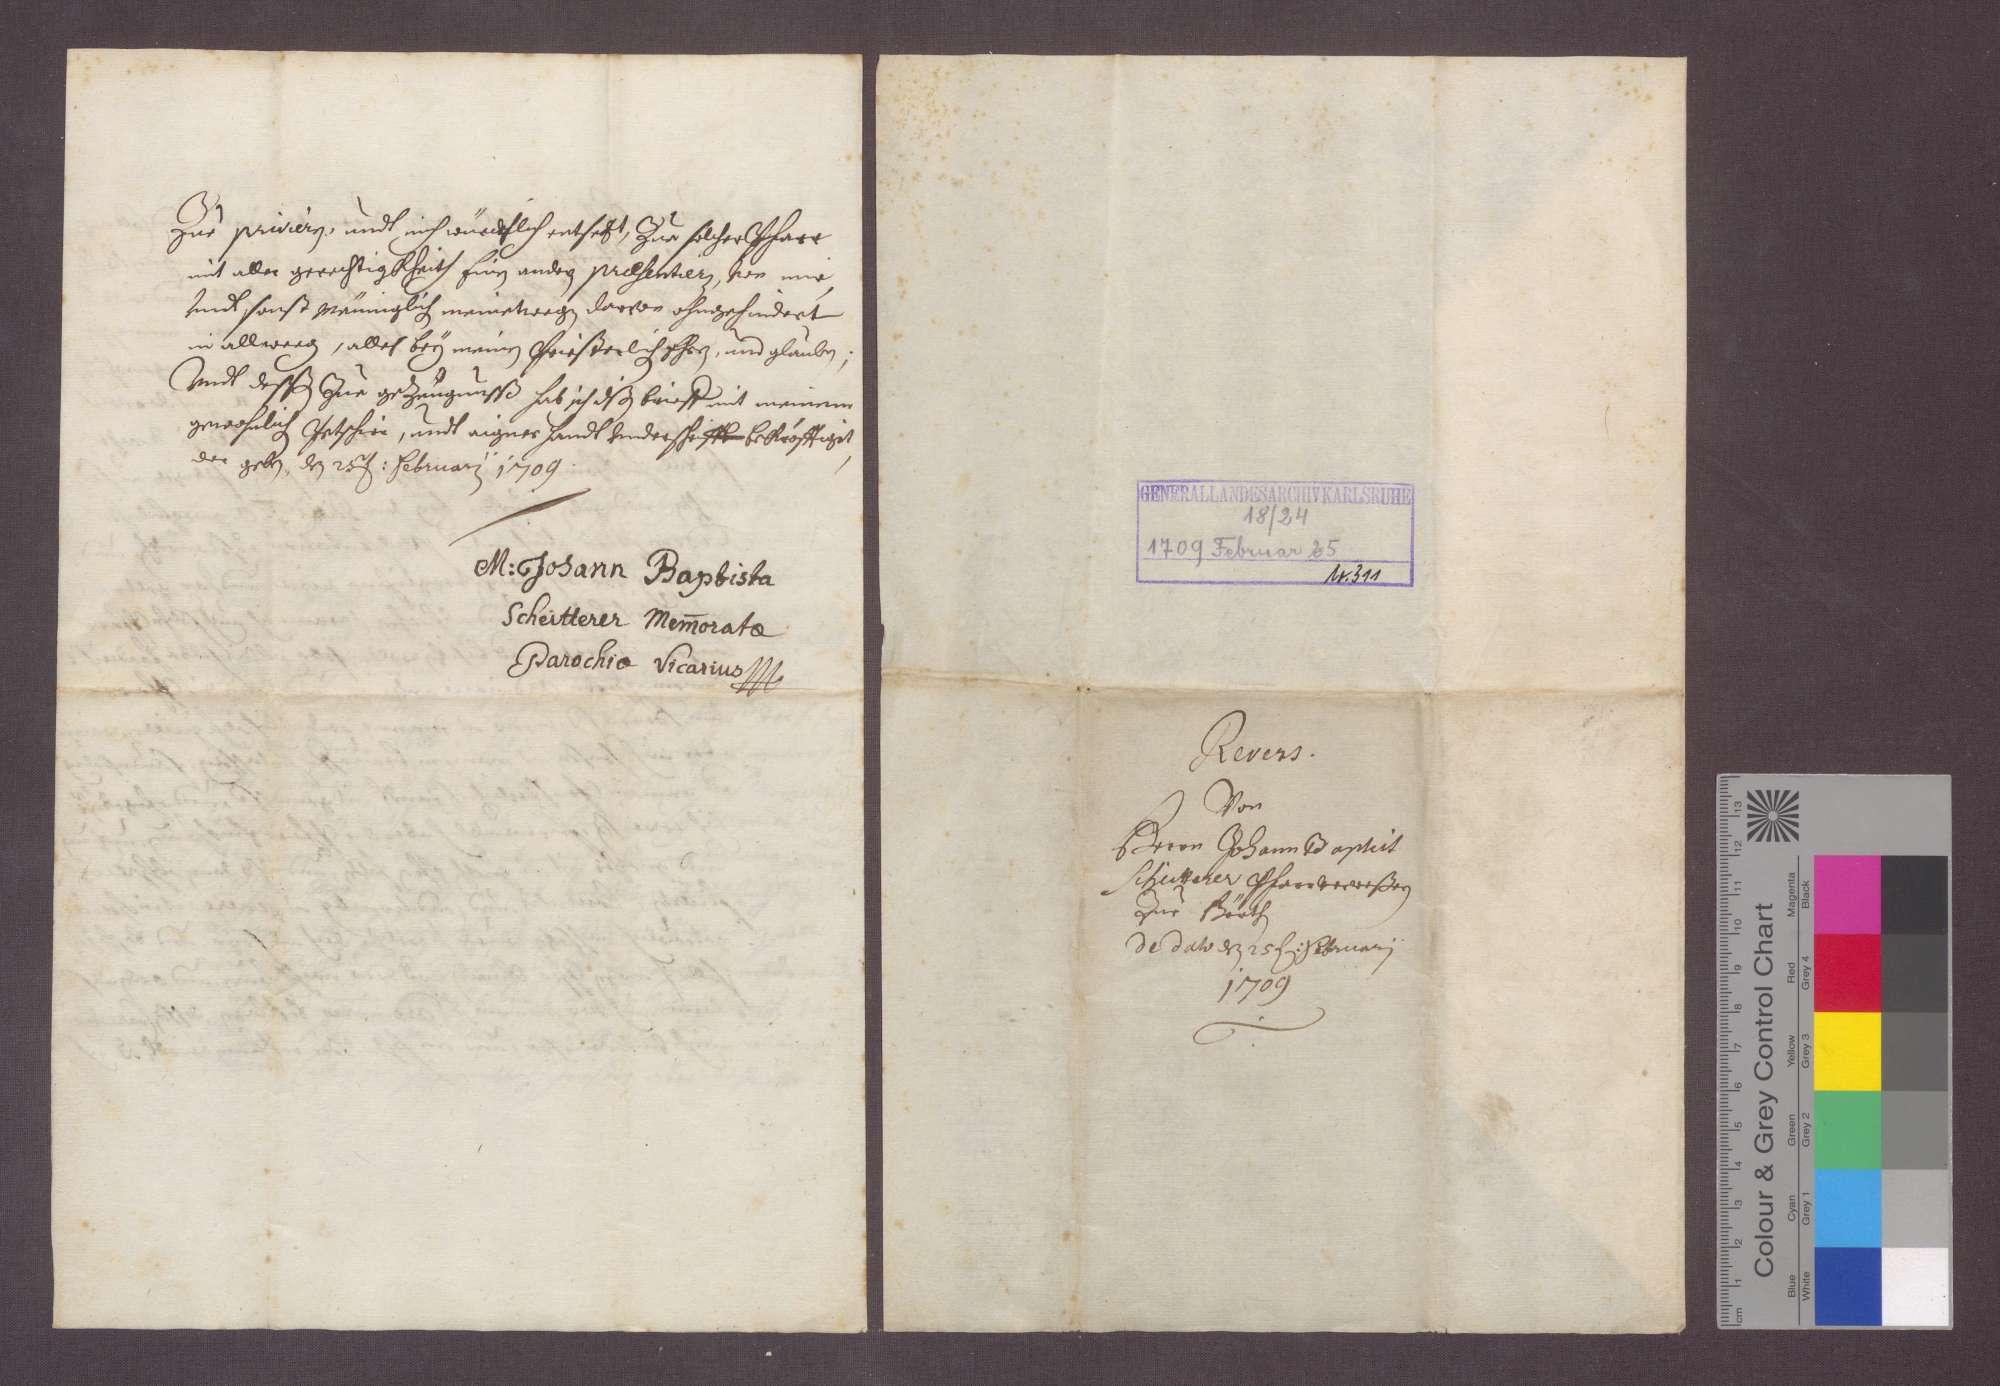 Johann Baptist Scheitterer von Freiburg reversiert, nachdem er von Johann Franz von Reinach, Statthalter des Komturs zu Beuggen als Pfarrer zu Herten präsentiert wurde., Bild 3